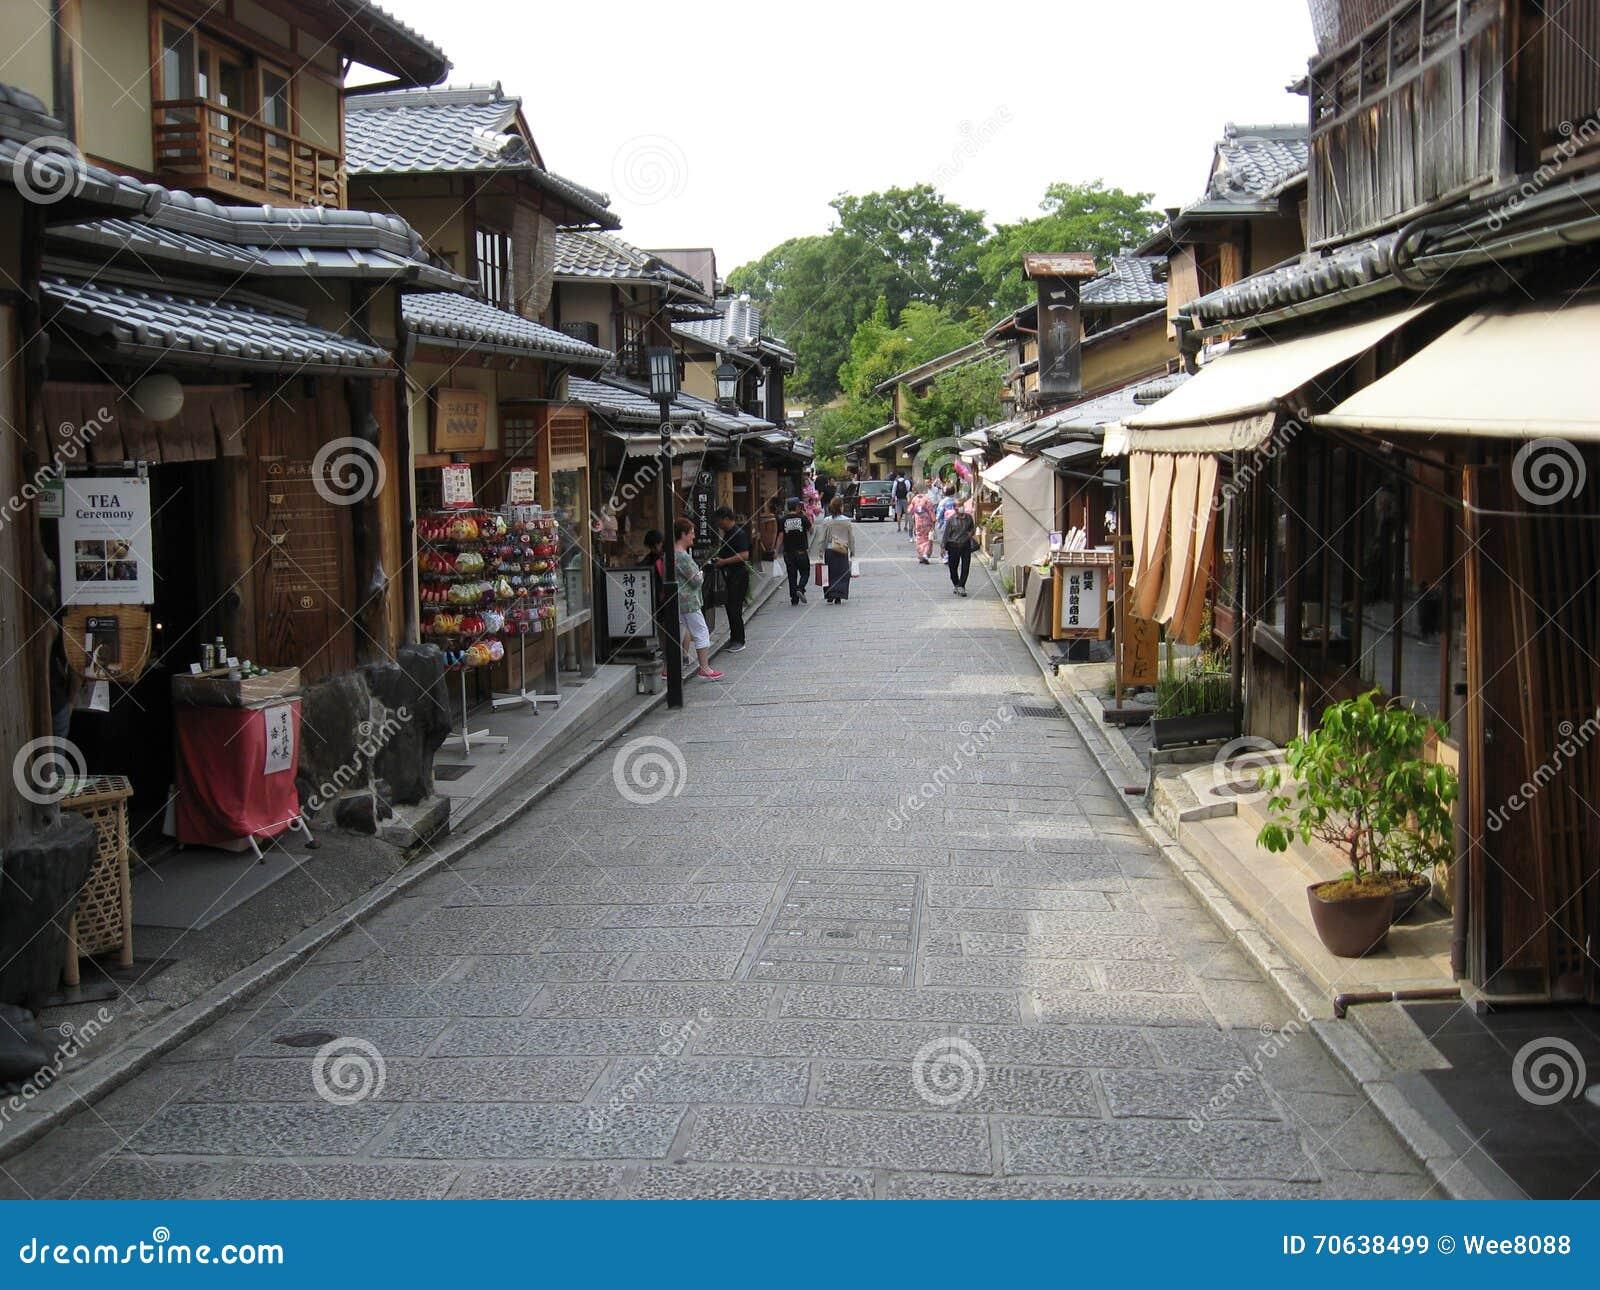 Παραδοσιακή οδός του Κιότο στη γνωστή περιοχή Gion